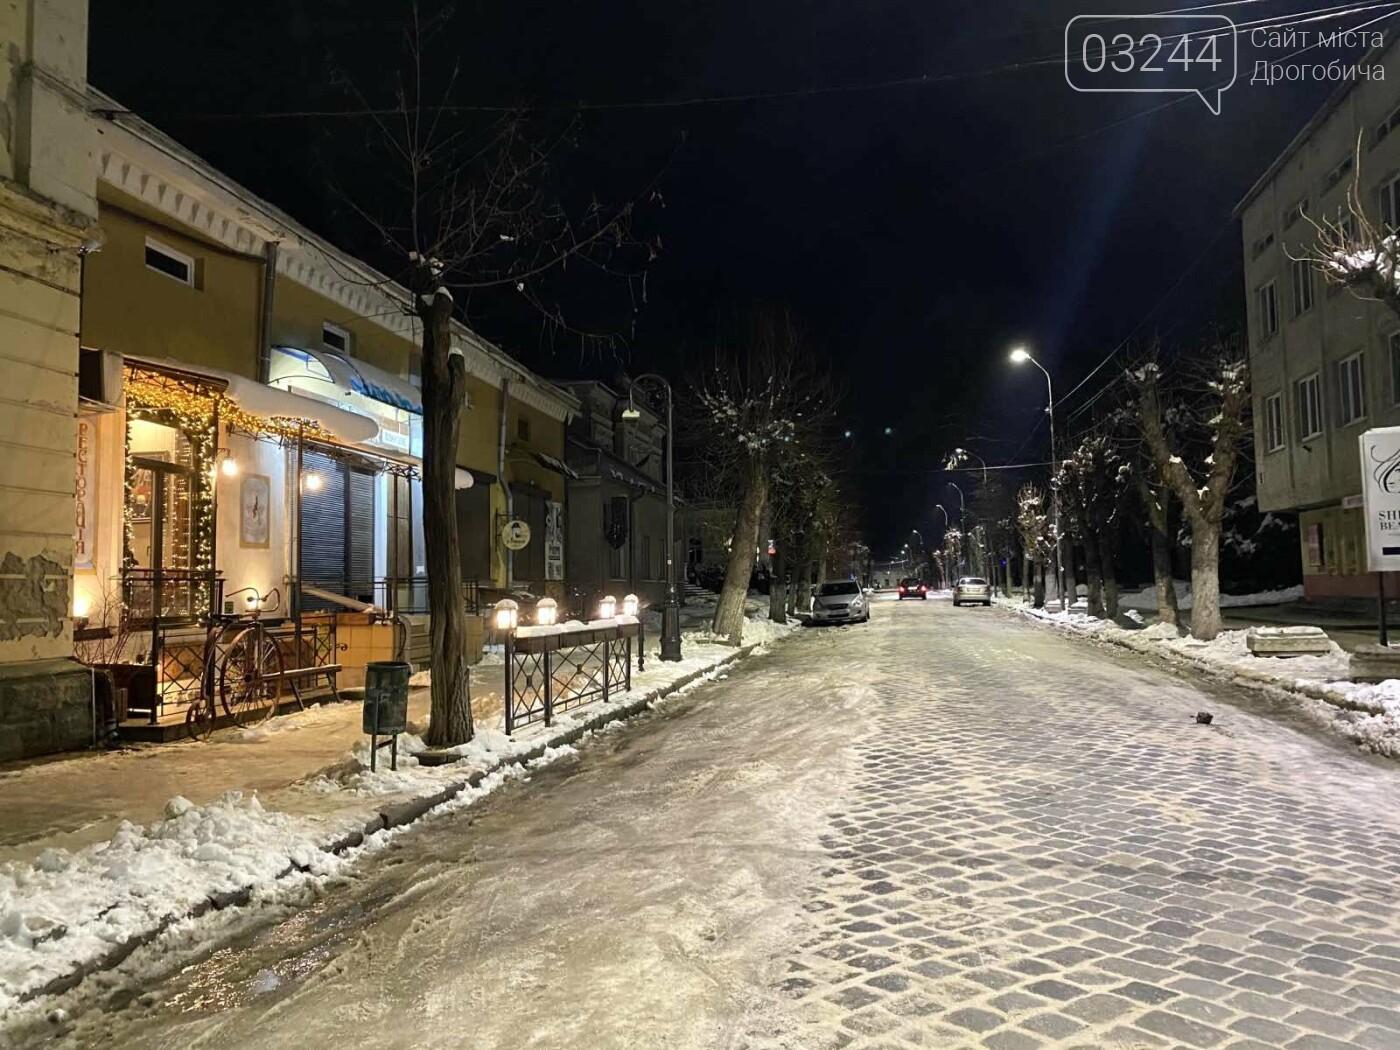 Снігова магія нічних вулиць Дрогобича, - Фоторепортаж, фото-8